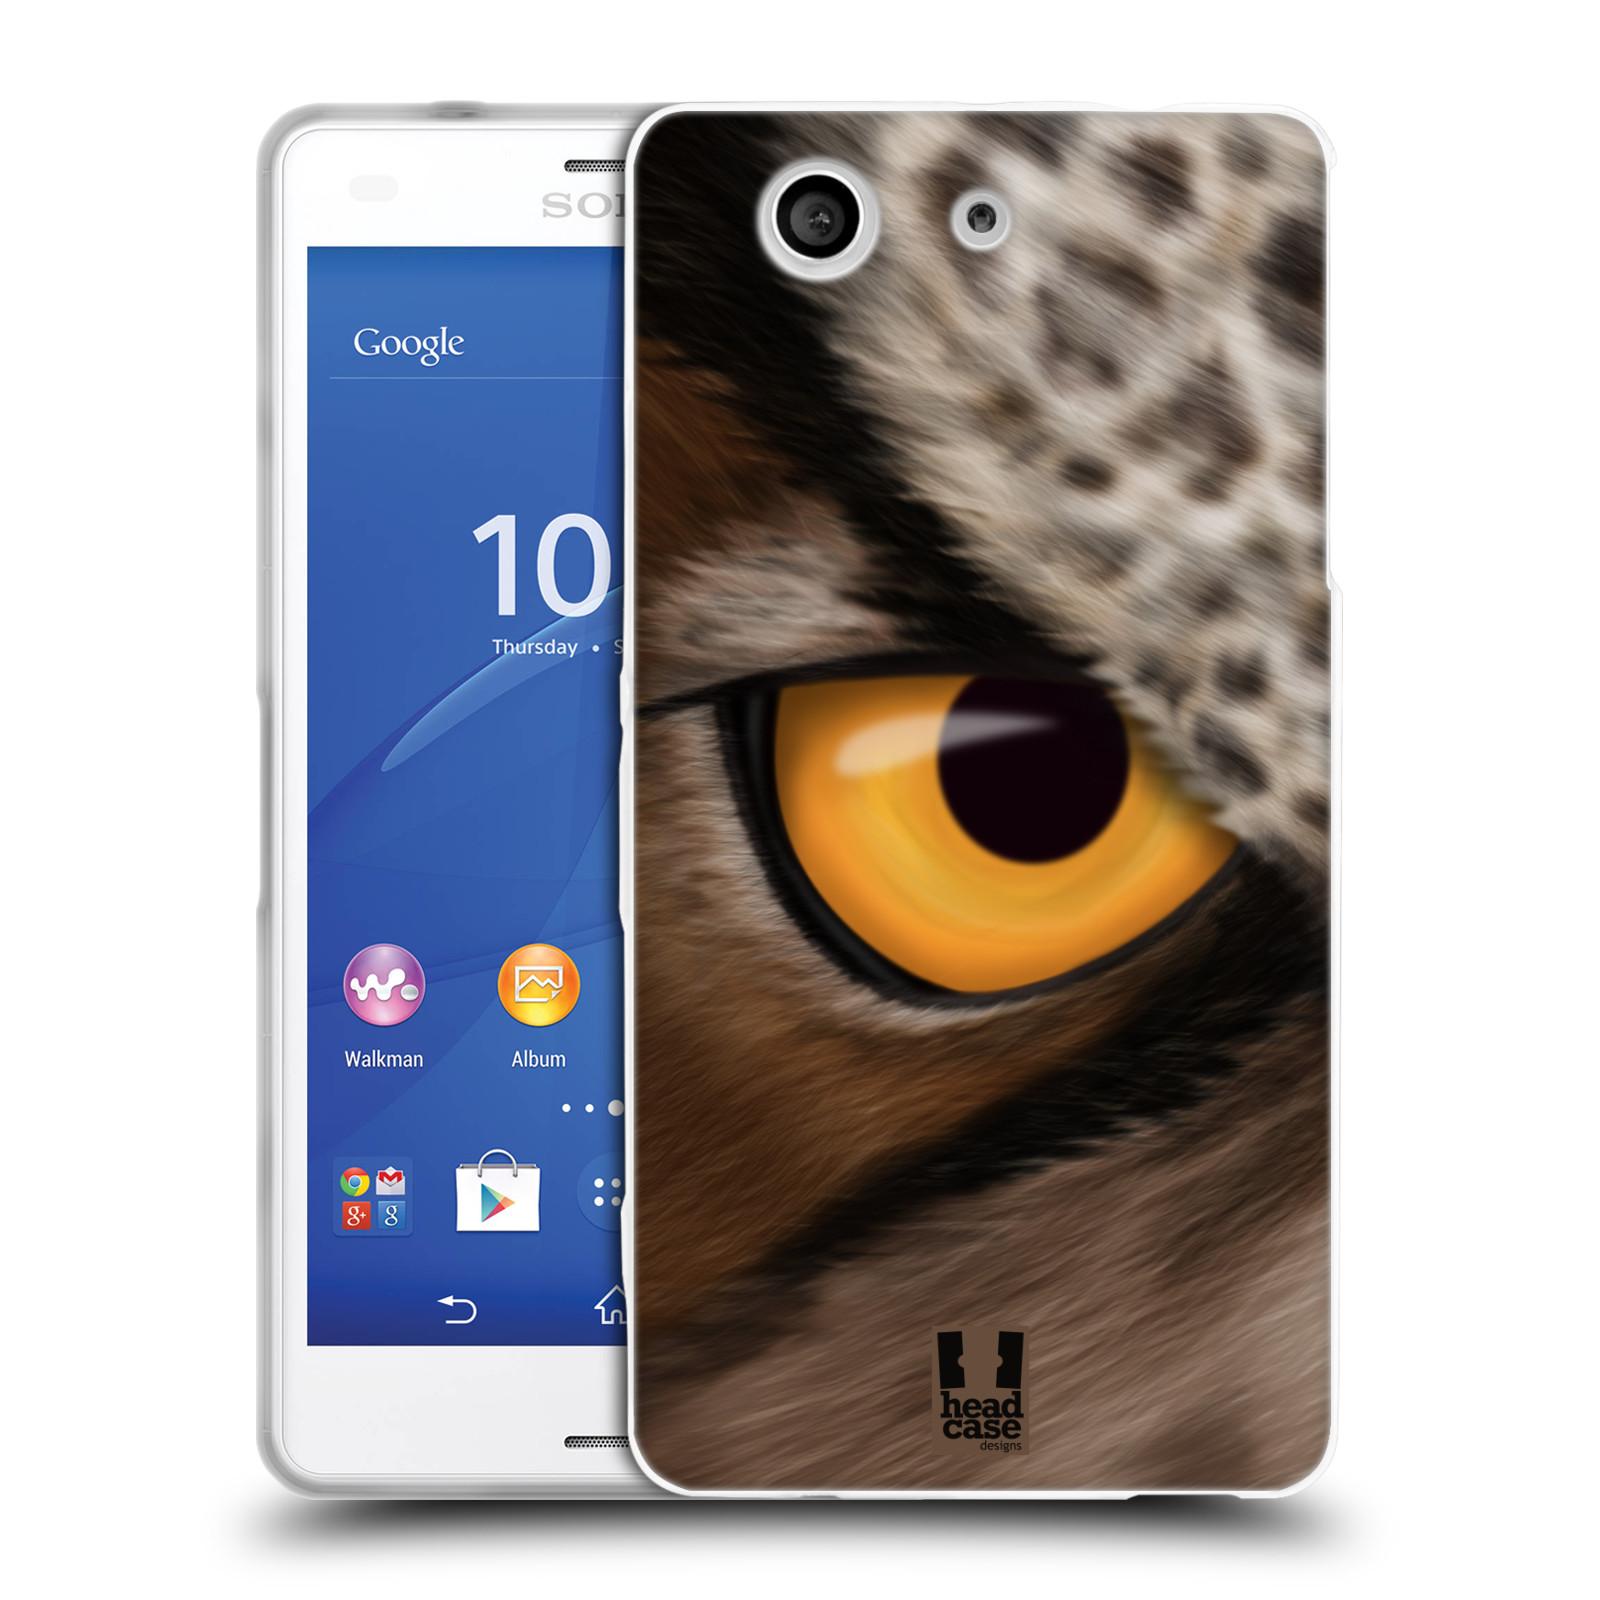 HEAD CASE silikonový obal na mobil Sony Xperia Z3 COMPACT (D5803) vzor pohled zvířete oko sova